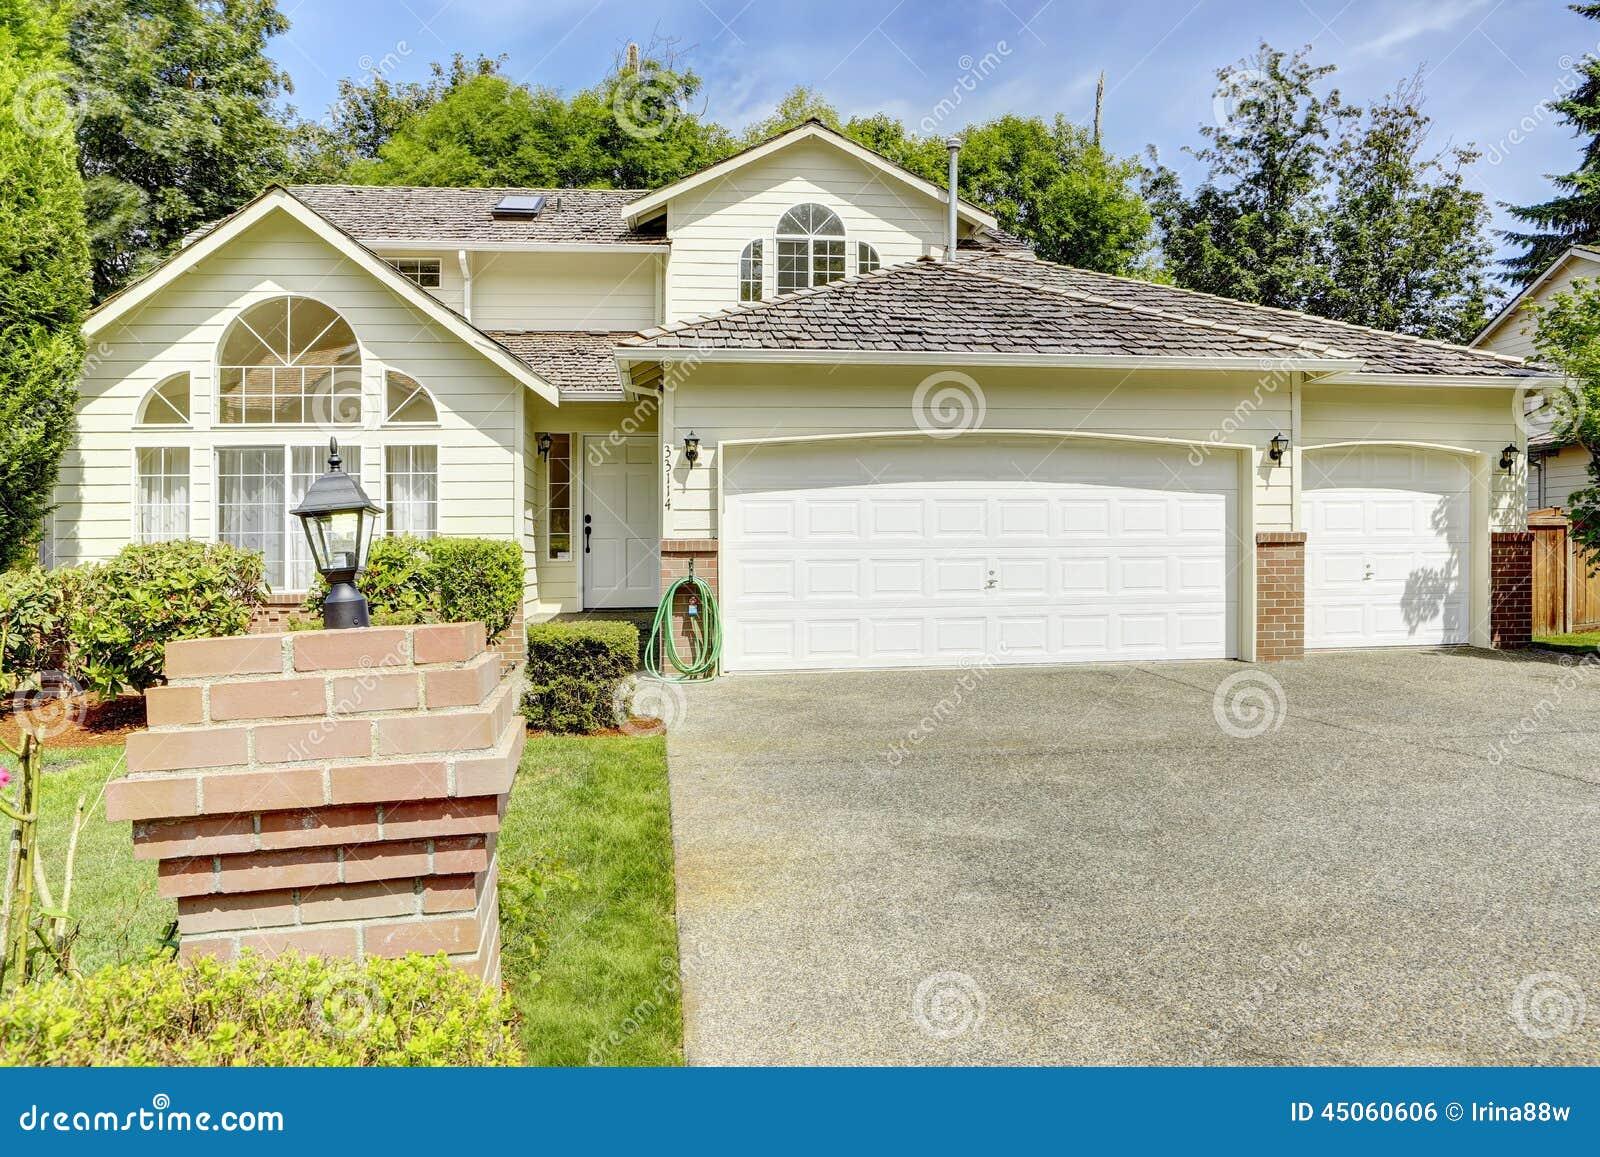 Modernes Haus Mit Garage: Minecraft Modernes